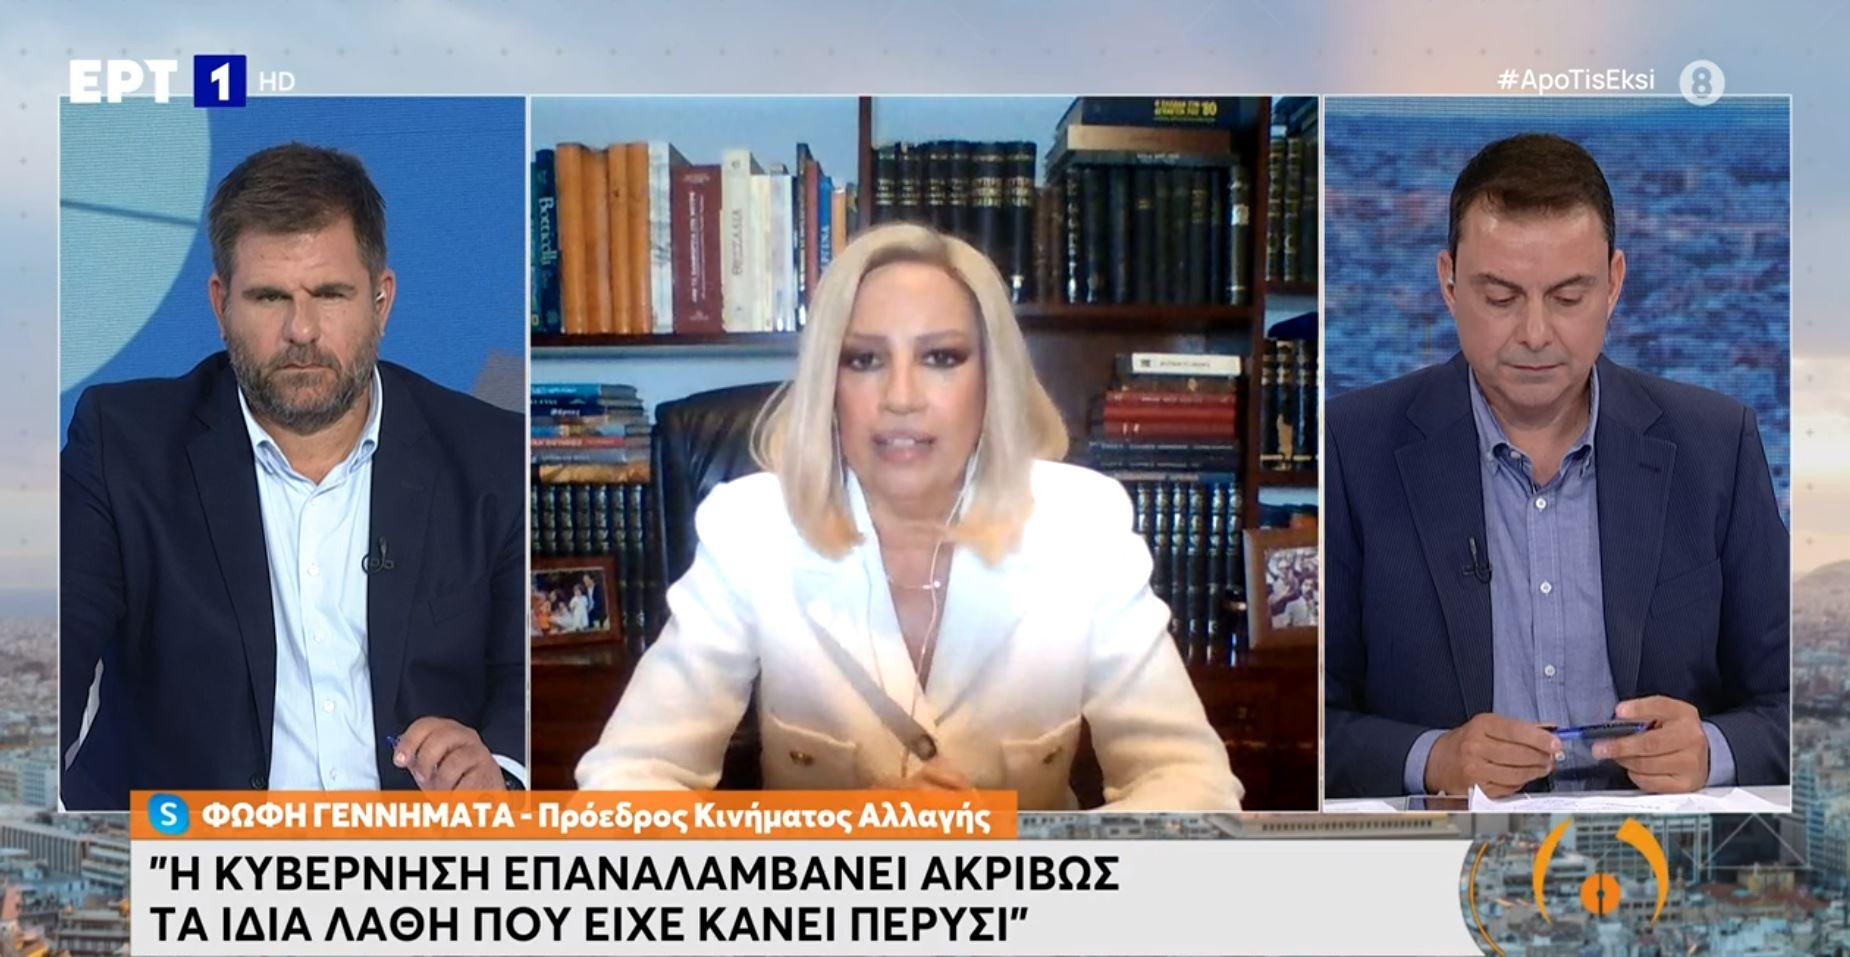 Η Φώφη Γεννηματά στην ΕΡΤ: «Έχουμε αυτόνομη πορεία»